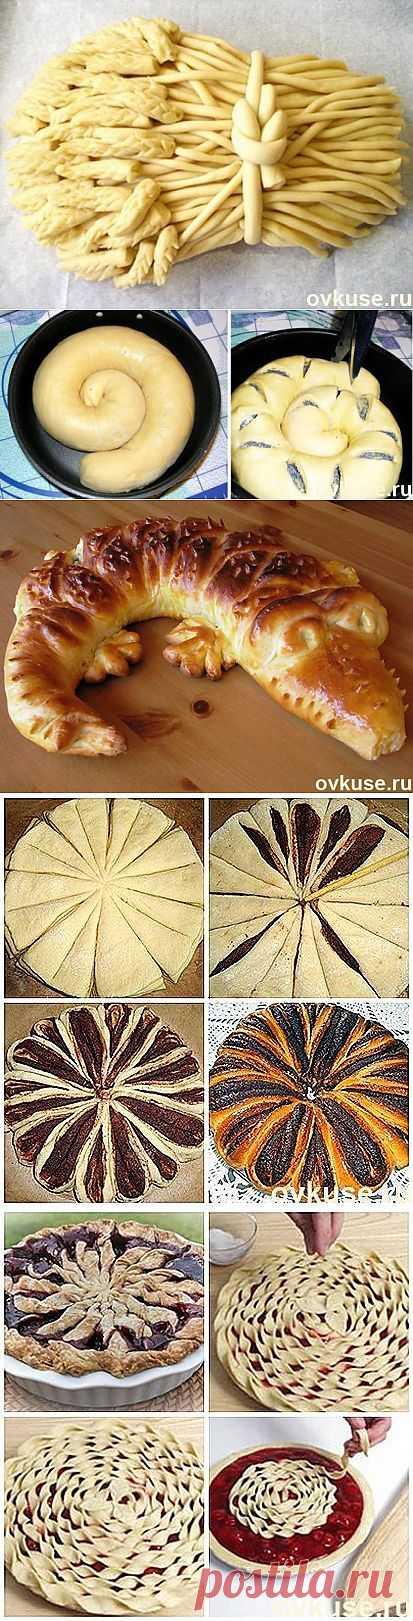 Оформление пирогов - Простые рецепты Овкусе.ру